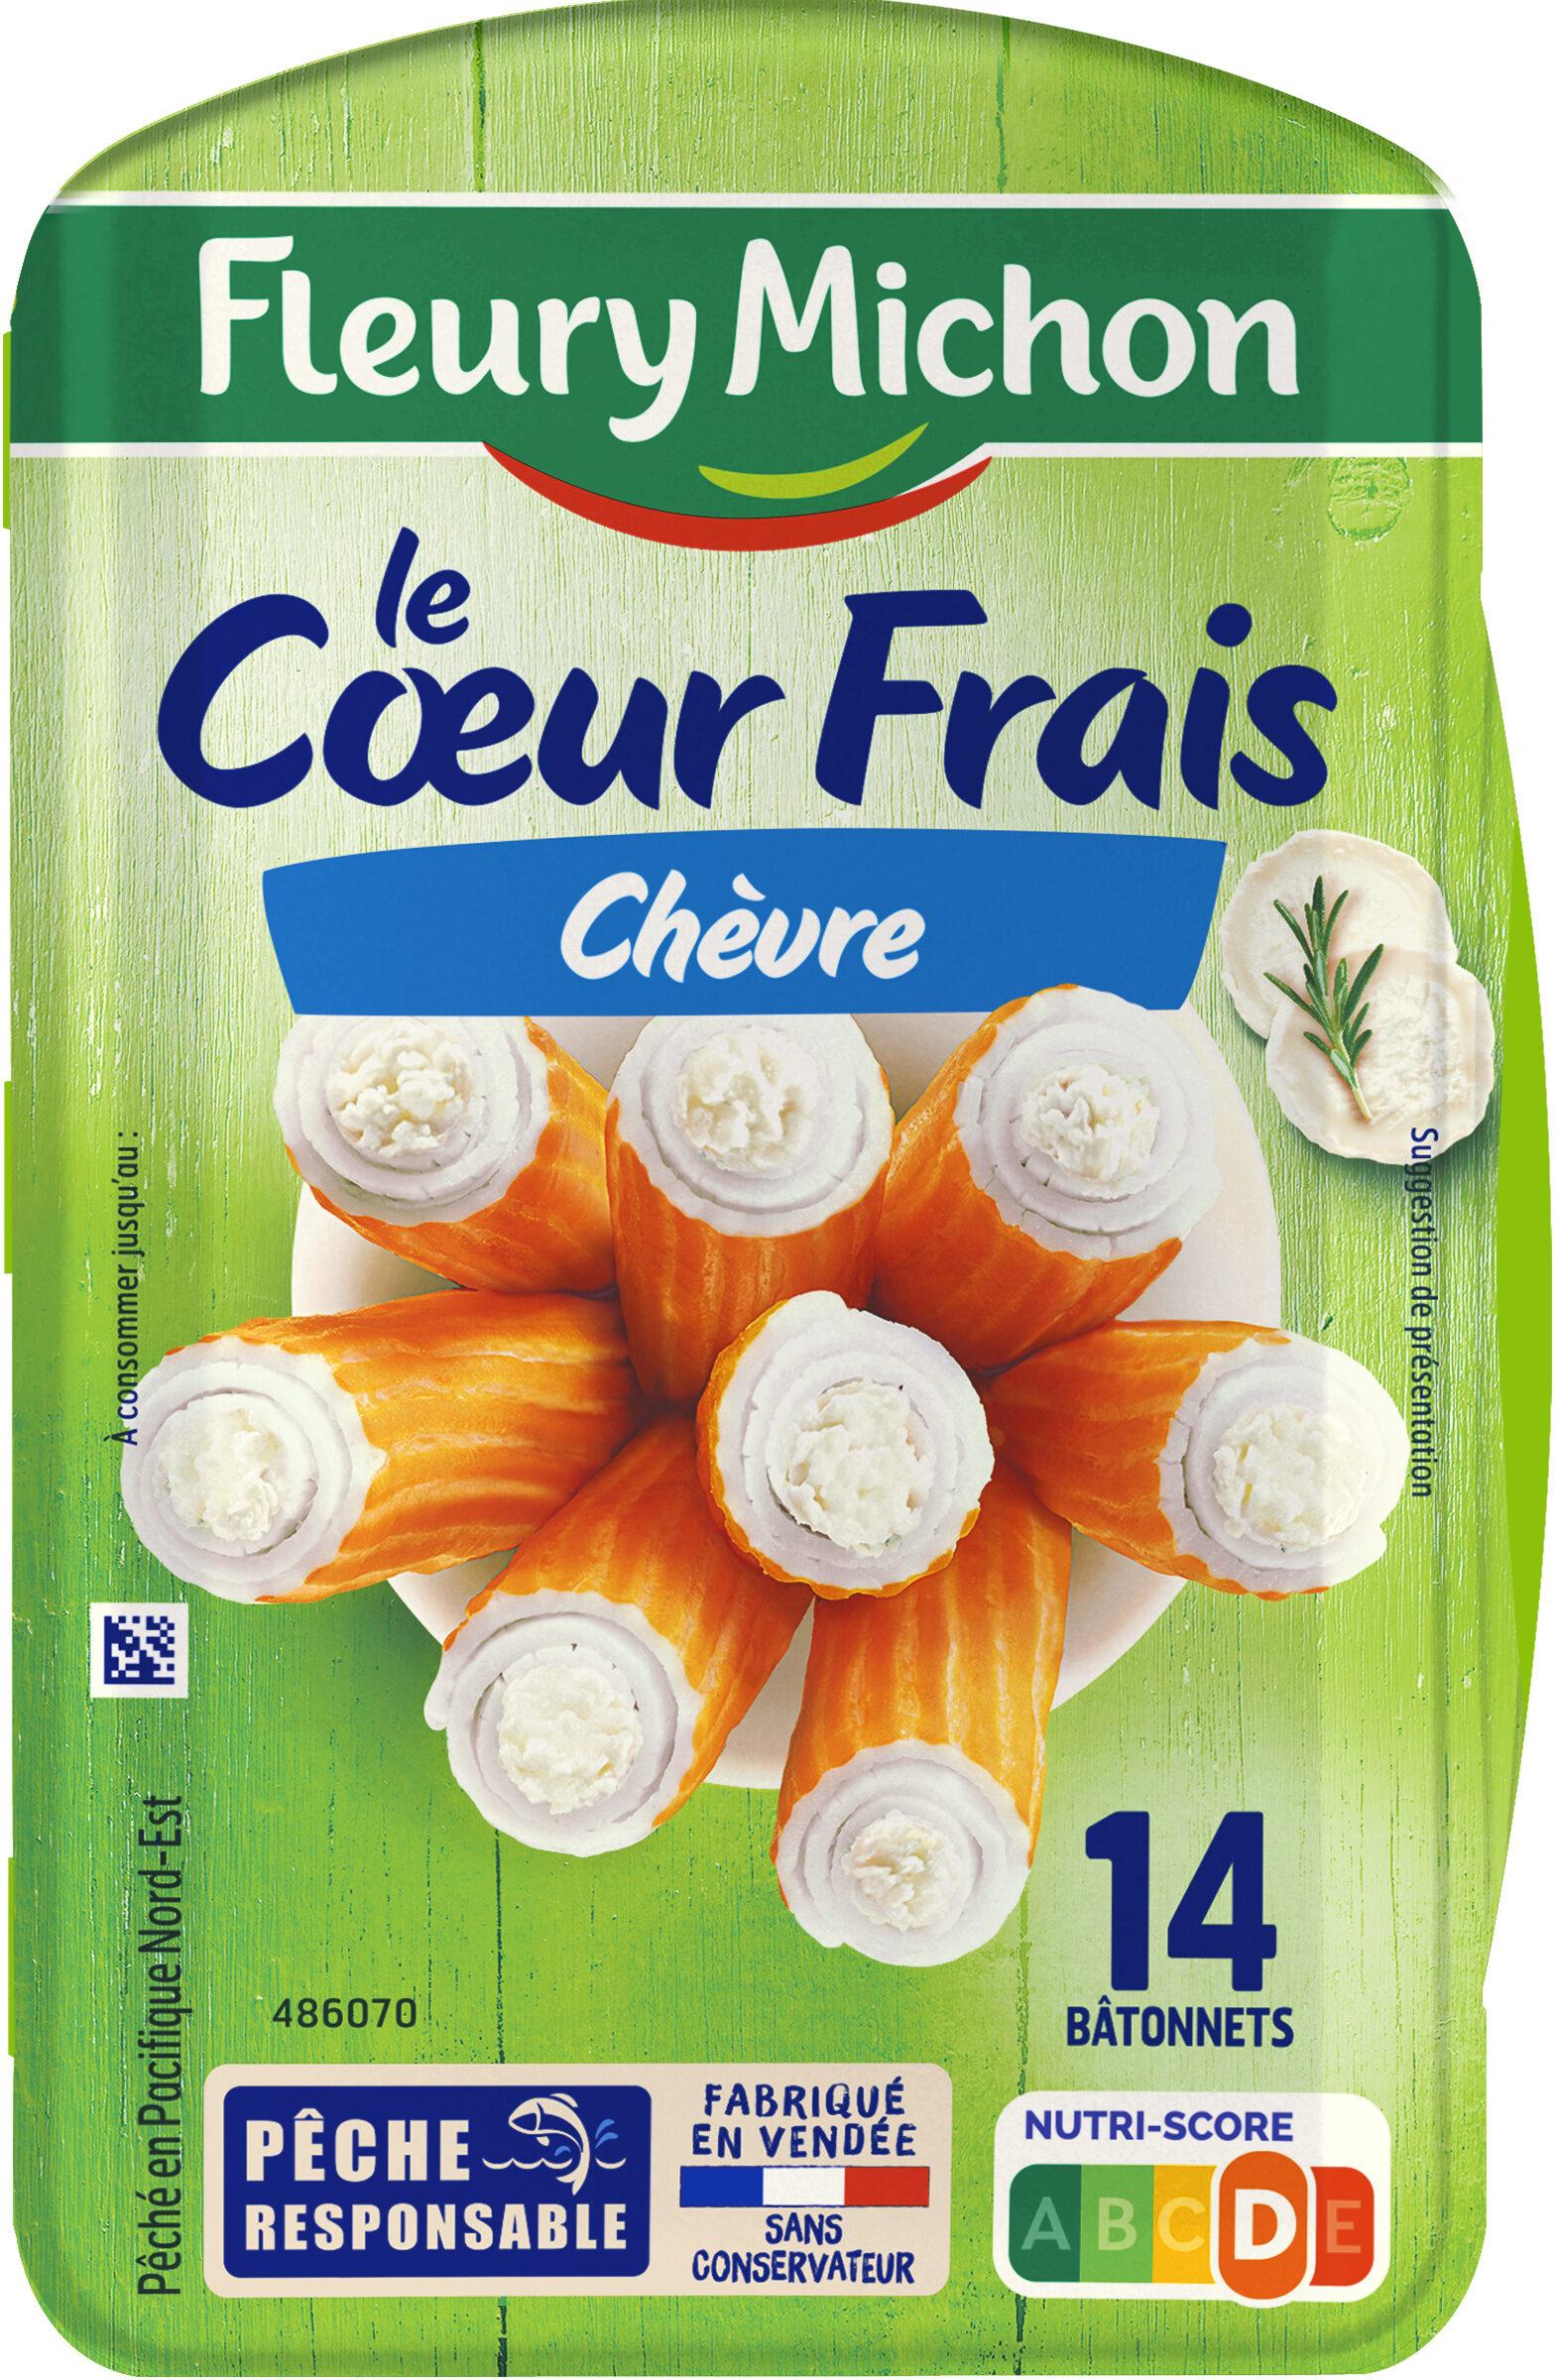 Le Coeur Frais - Chèvre - Prodotto - fr